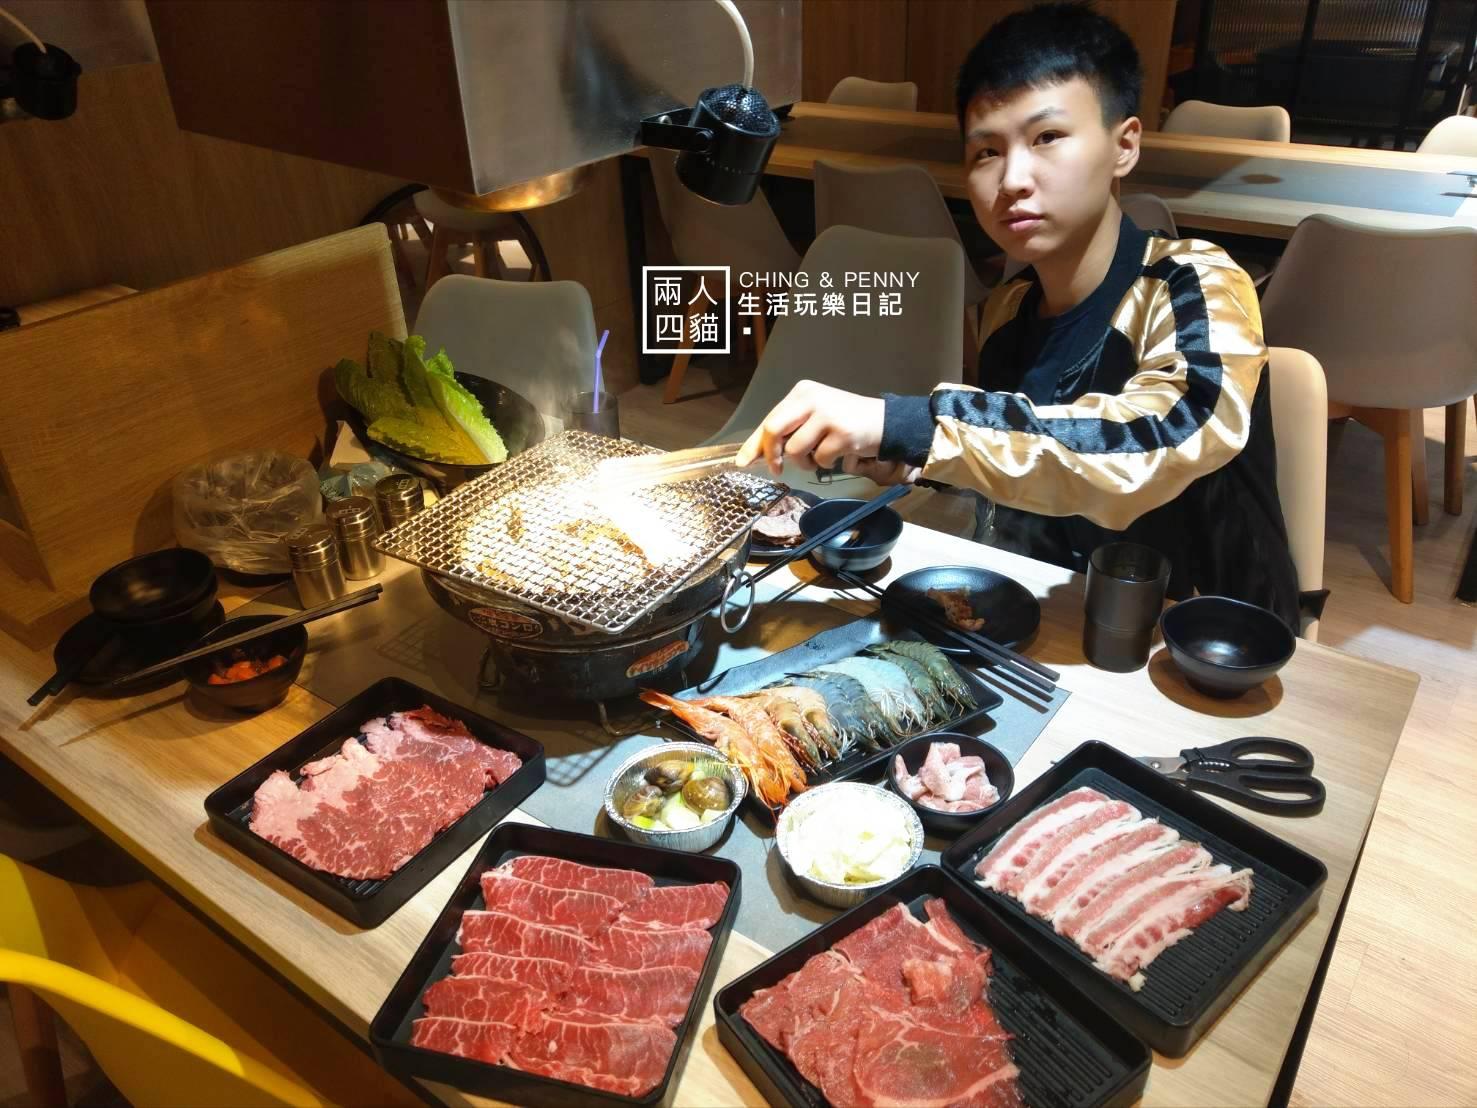 【蘆洲|美食】599有安格斯黑牛吃到飽!蘆洲新開幕清新燒烤店『牙打燒肉Yakiniku』 65品項超豐富 5/2正式開幕